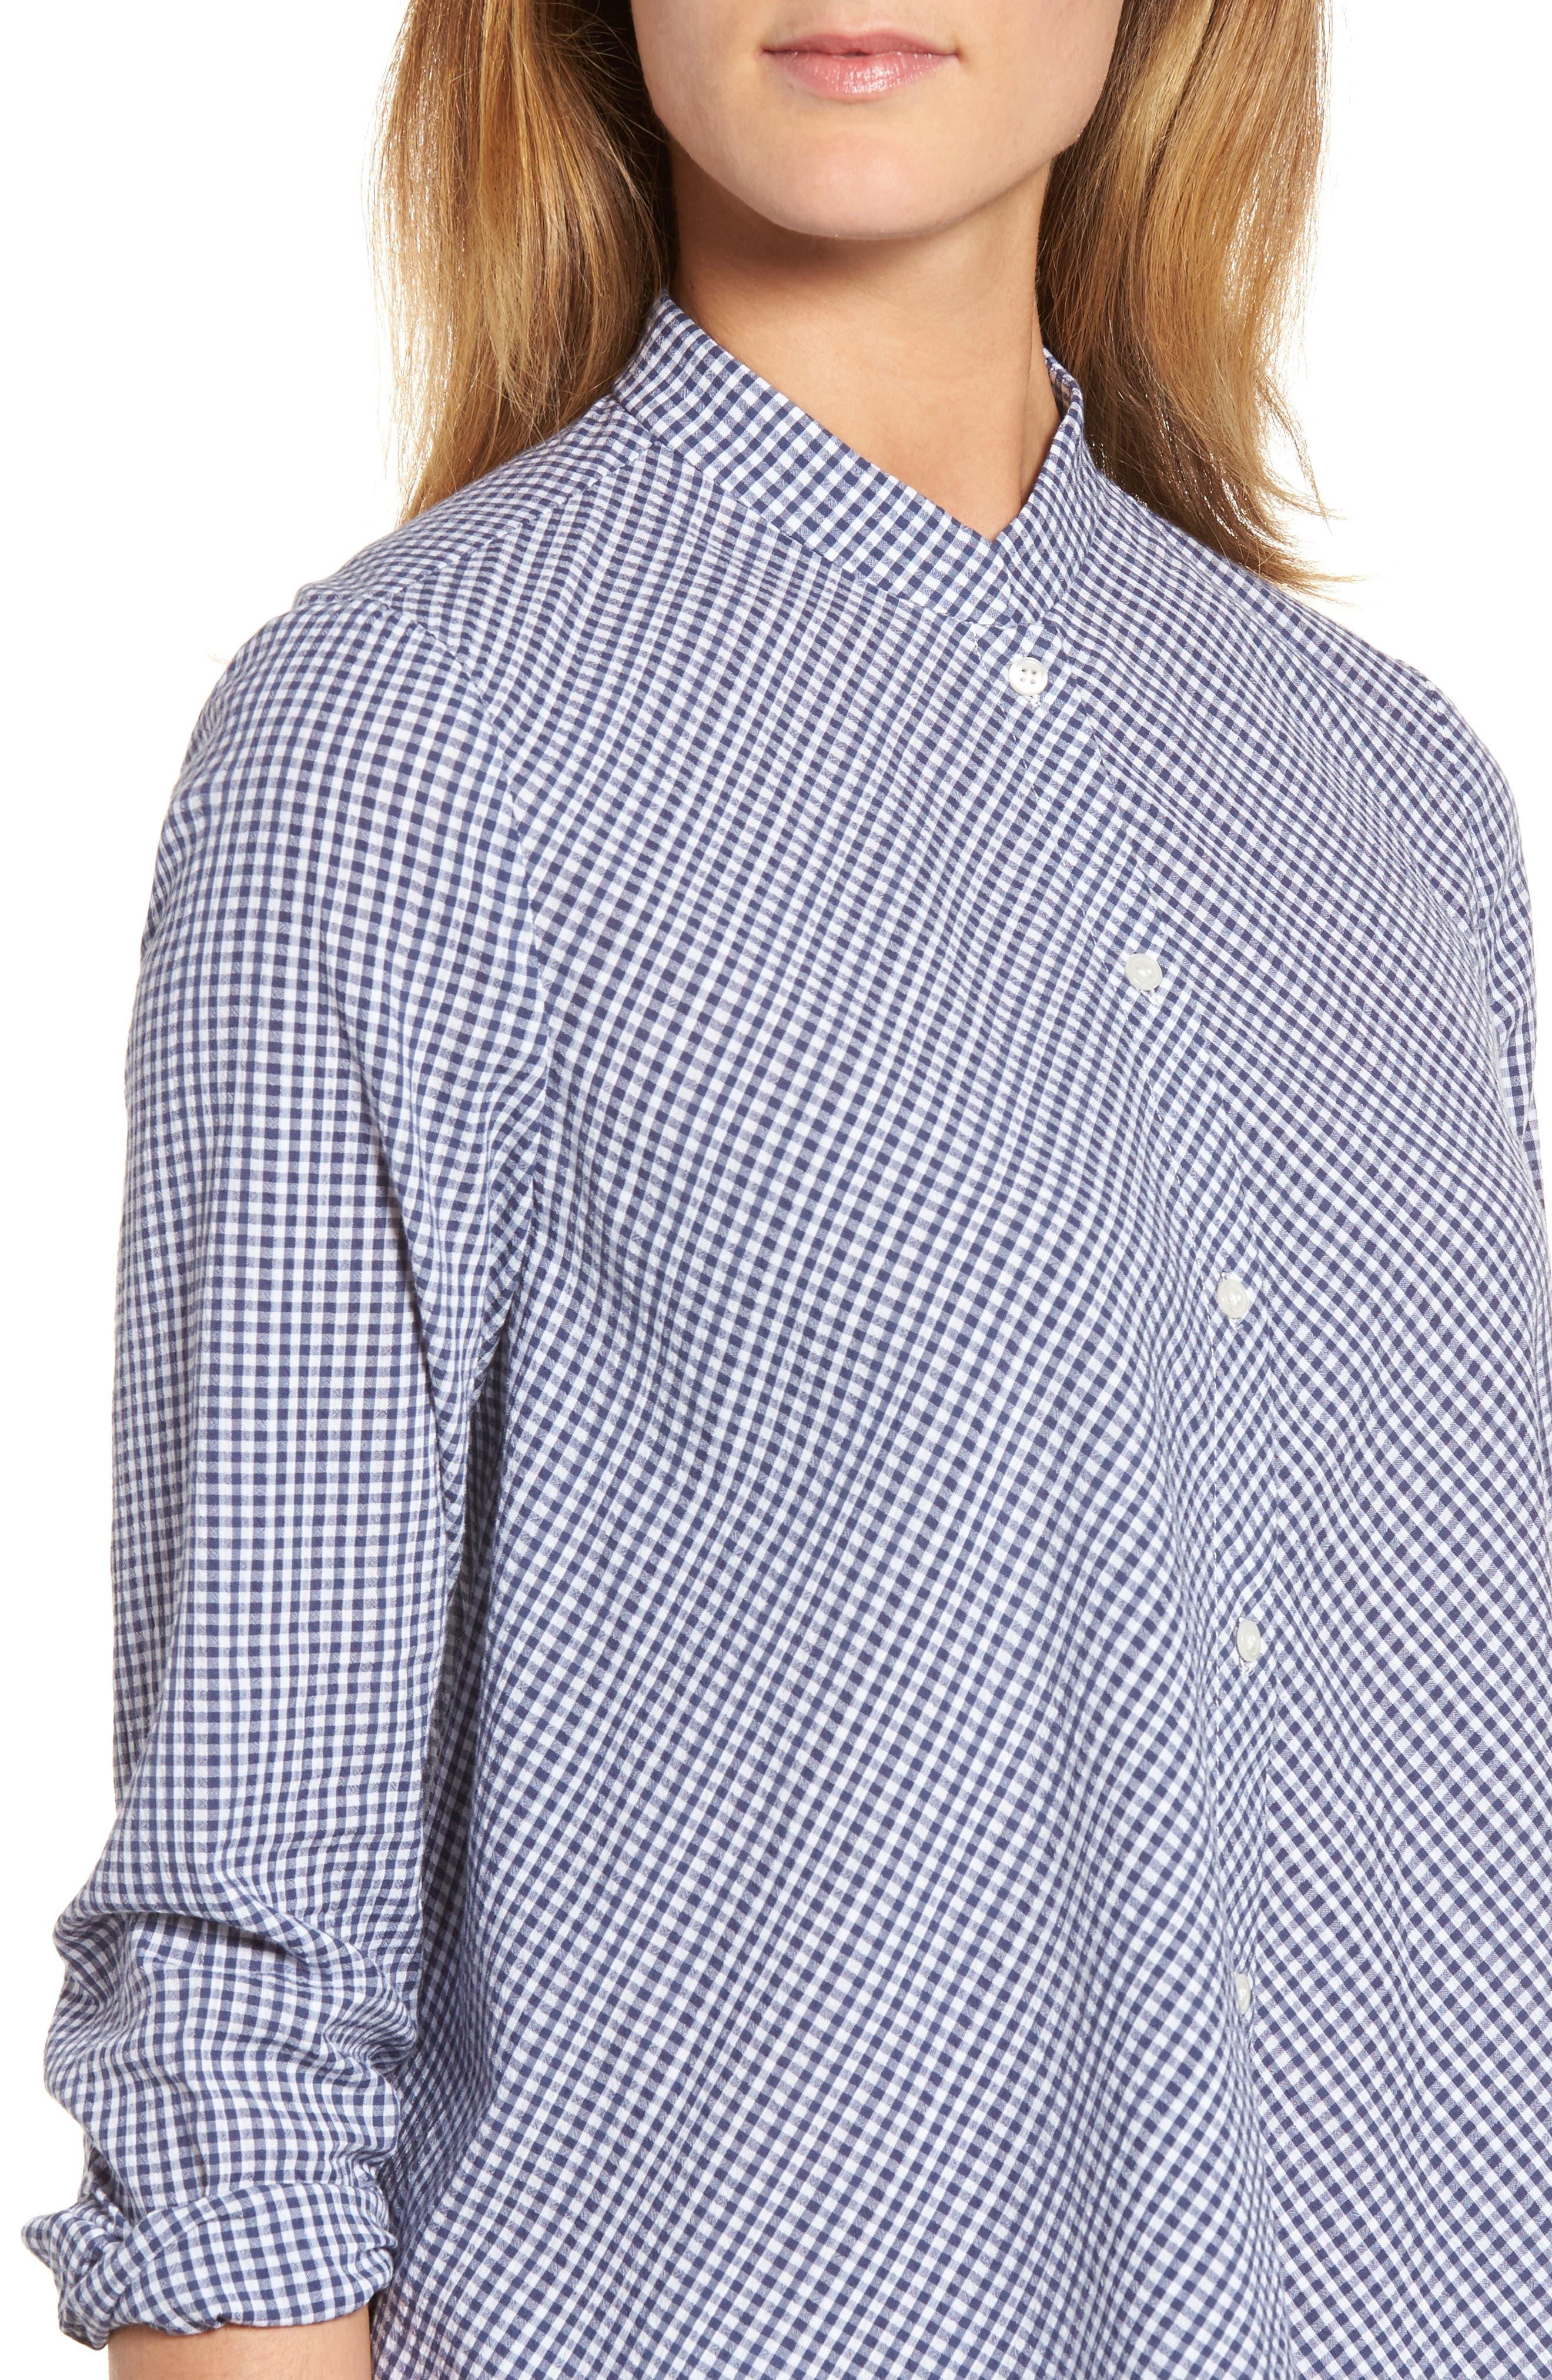 Shirt,                             Alternate thumbnail 4, color,                             Eton Blue/ Optic White